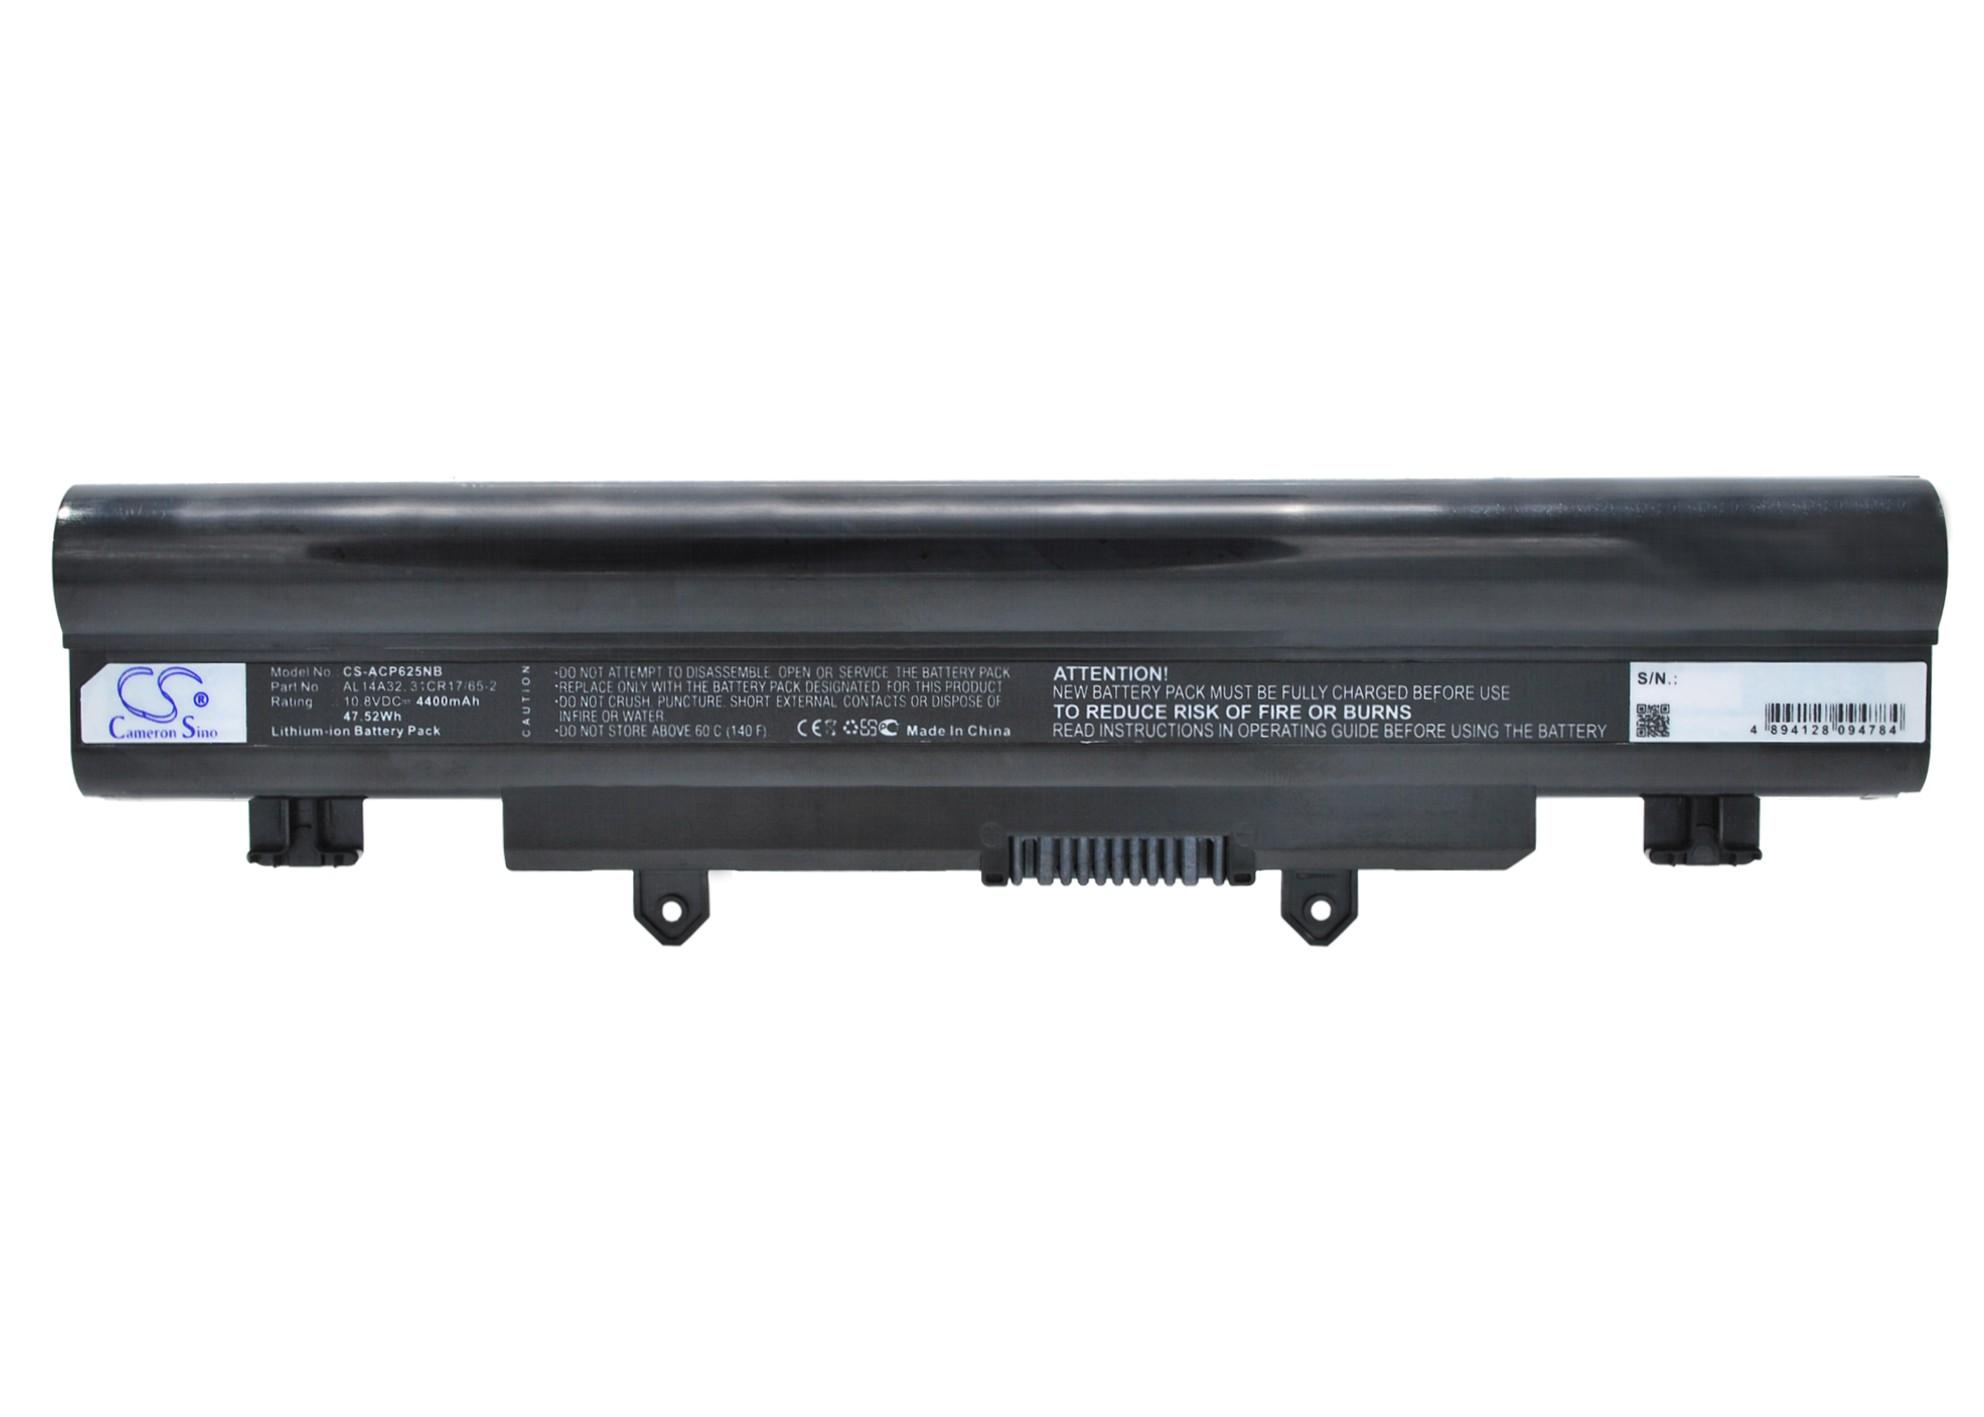 Cameron Sino baterie do notebooků pro ACER Aspire E5-571 10.8V Li-ion 4400mAh černá - neoriginální